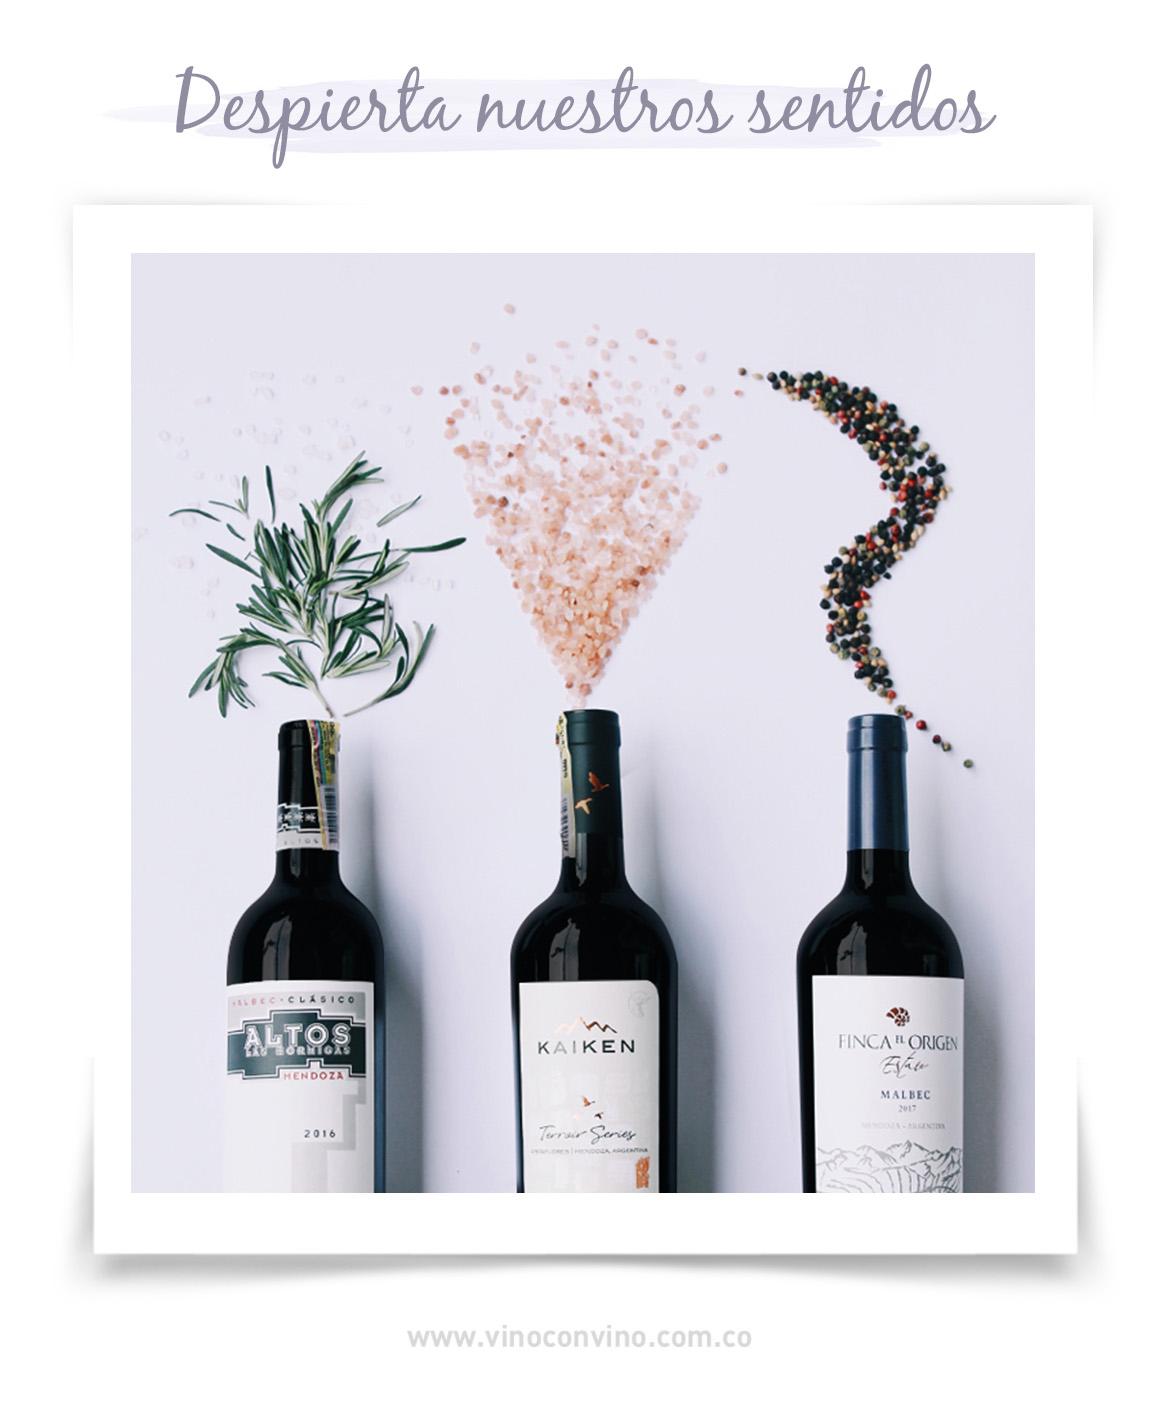 El vino tinto despierta nuestros sentidos - Blog vinoconvino